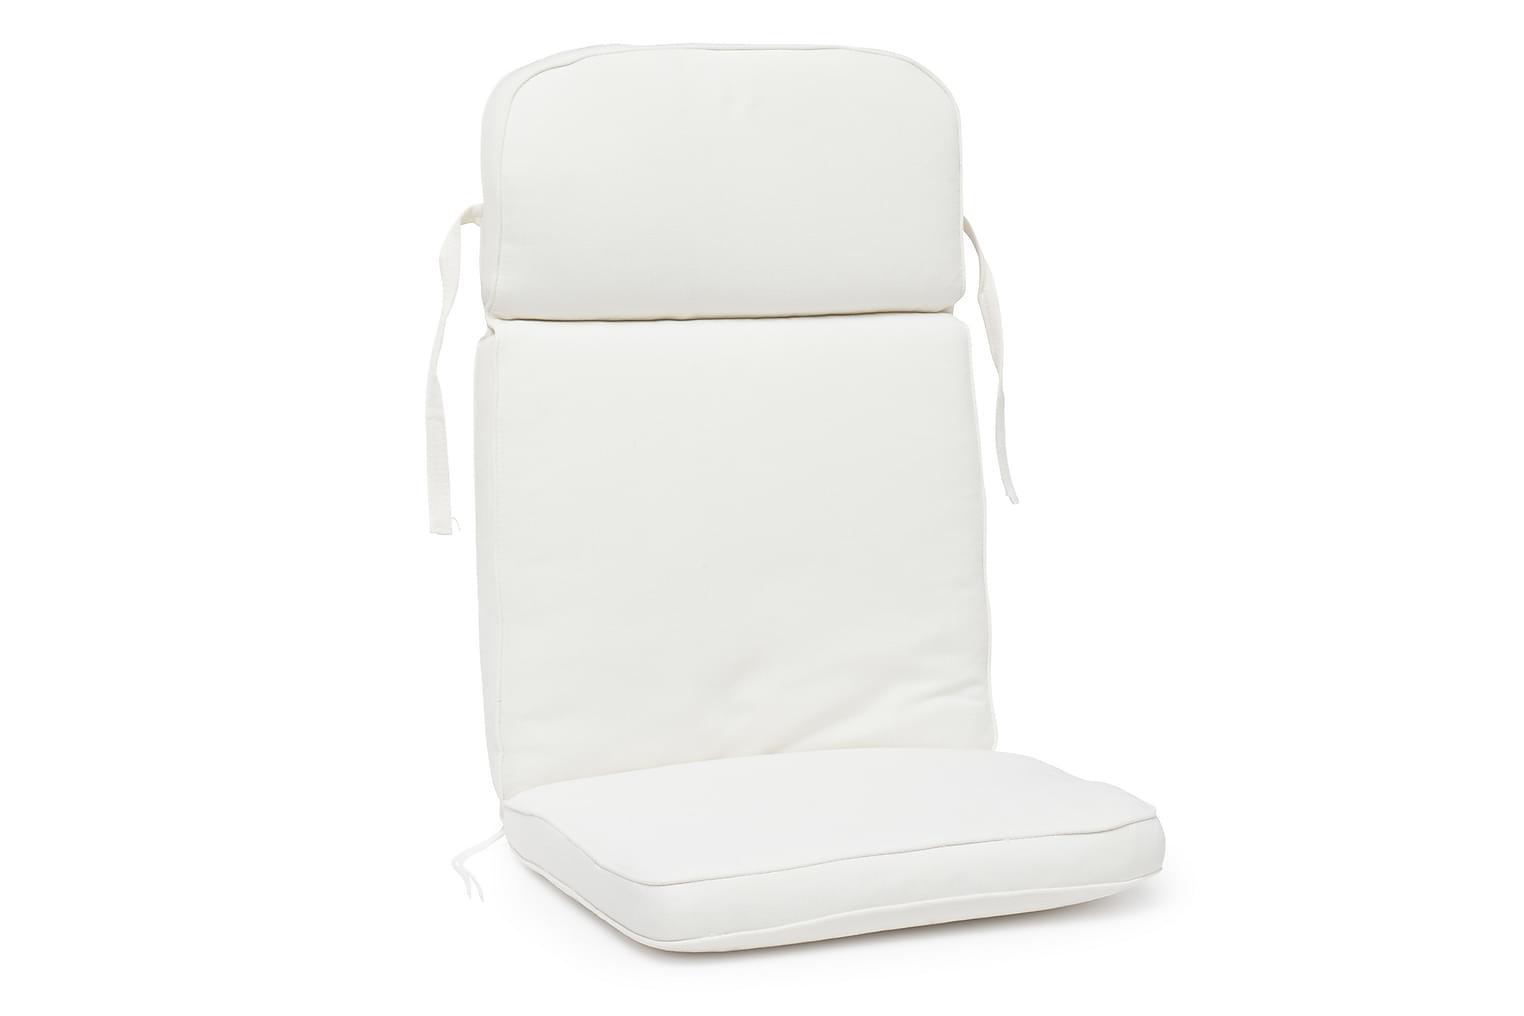 MILAN Box-pehmuste Korkea Valkoinen